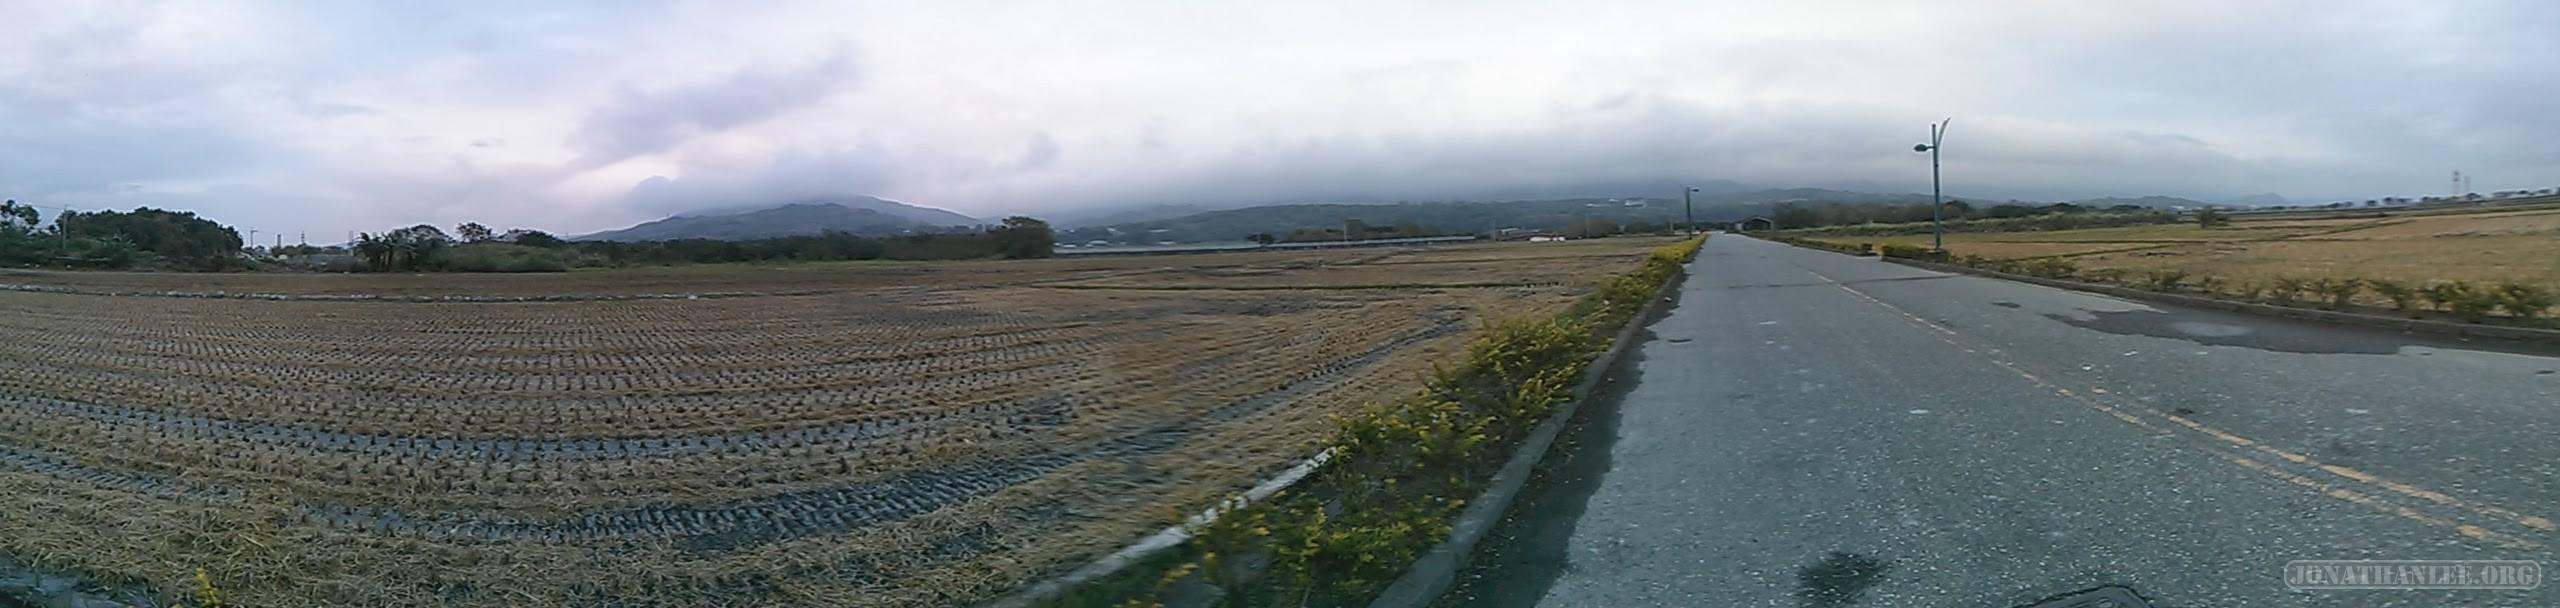 Chishang - panorama view